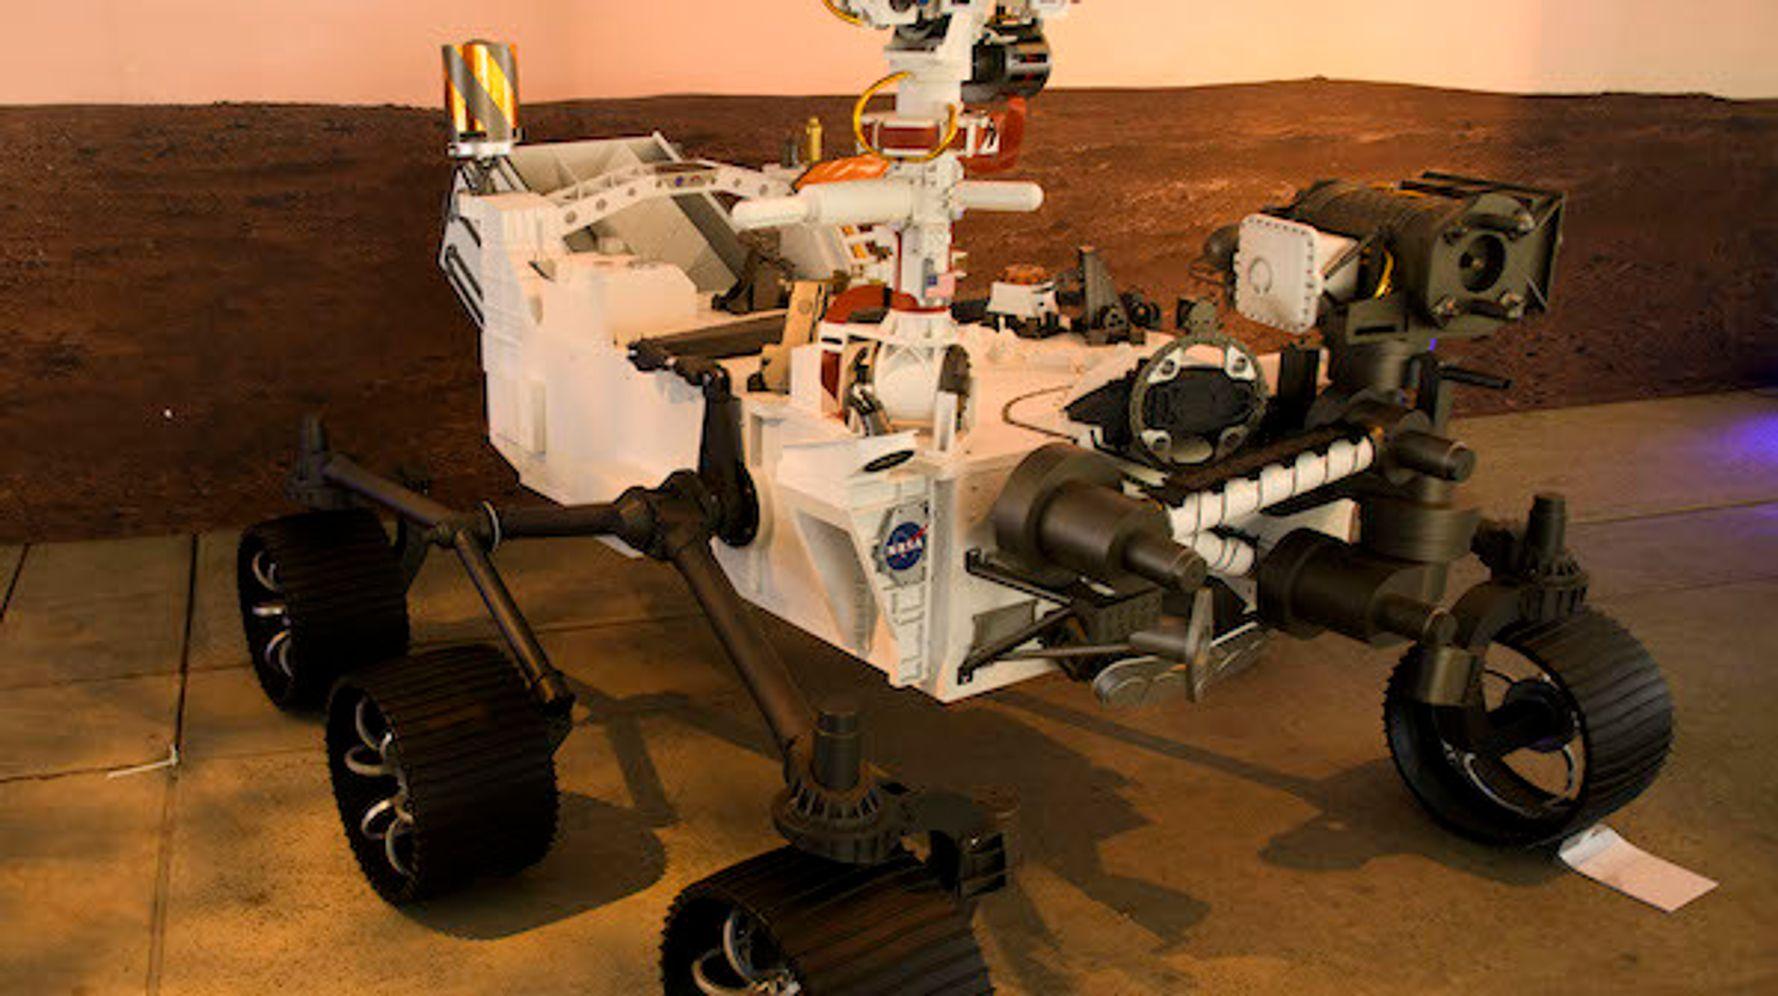 Mars Rover Perseverance unas horas después del intento de aterrizaje de Daredevil en el planeta rojo